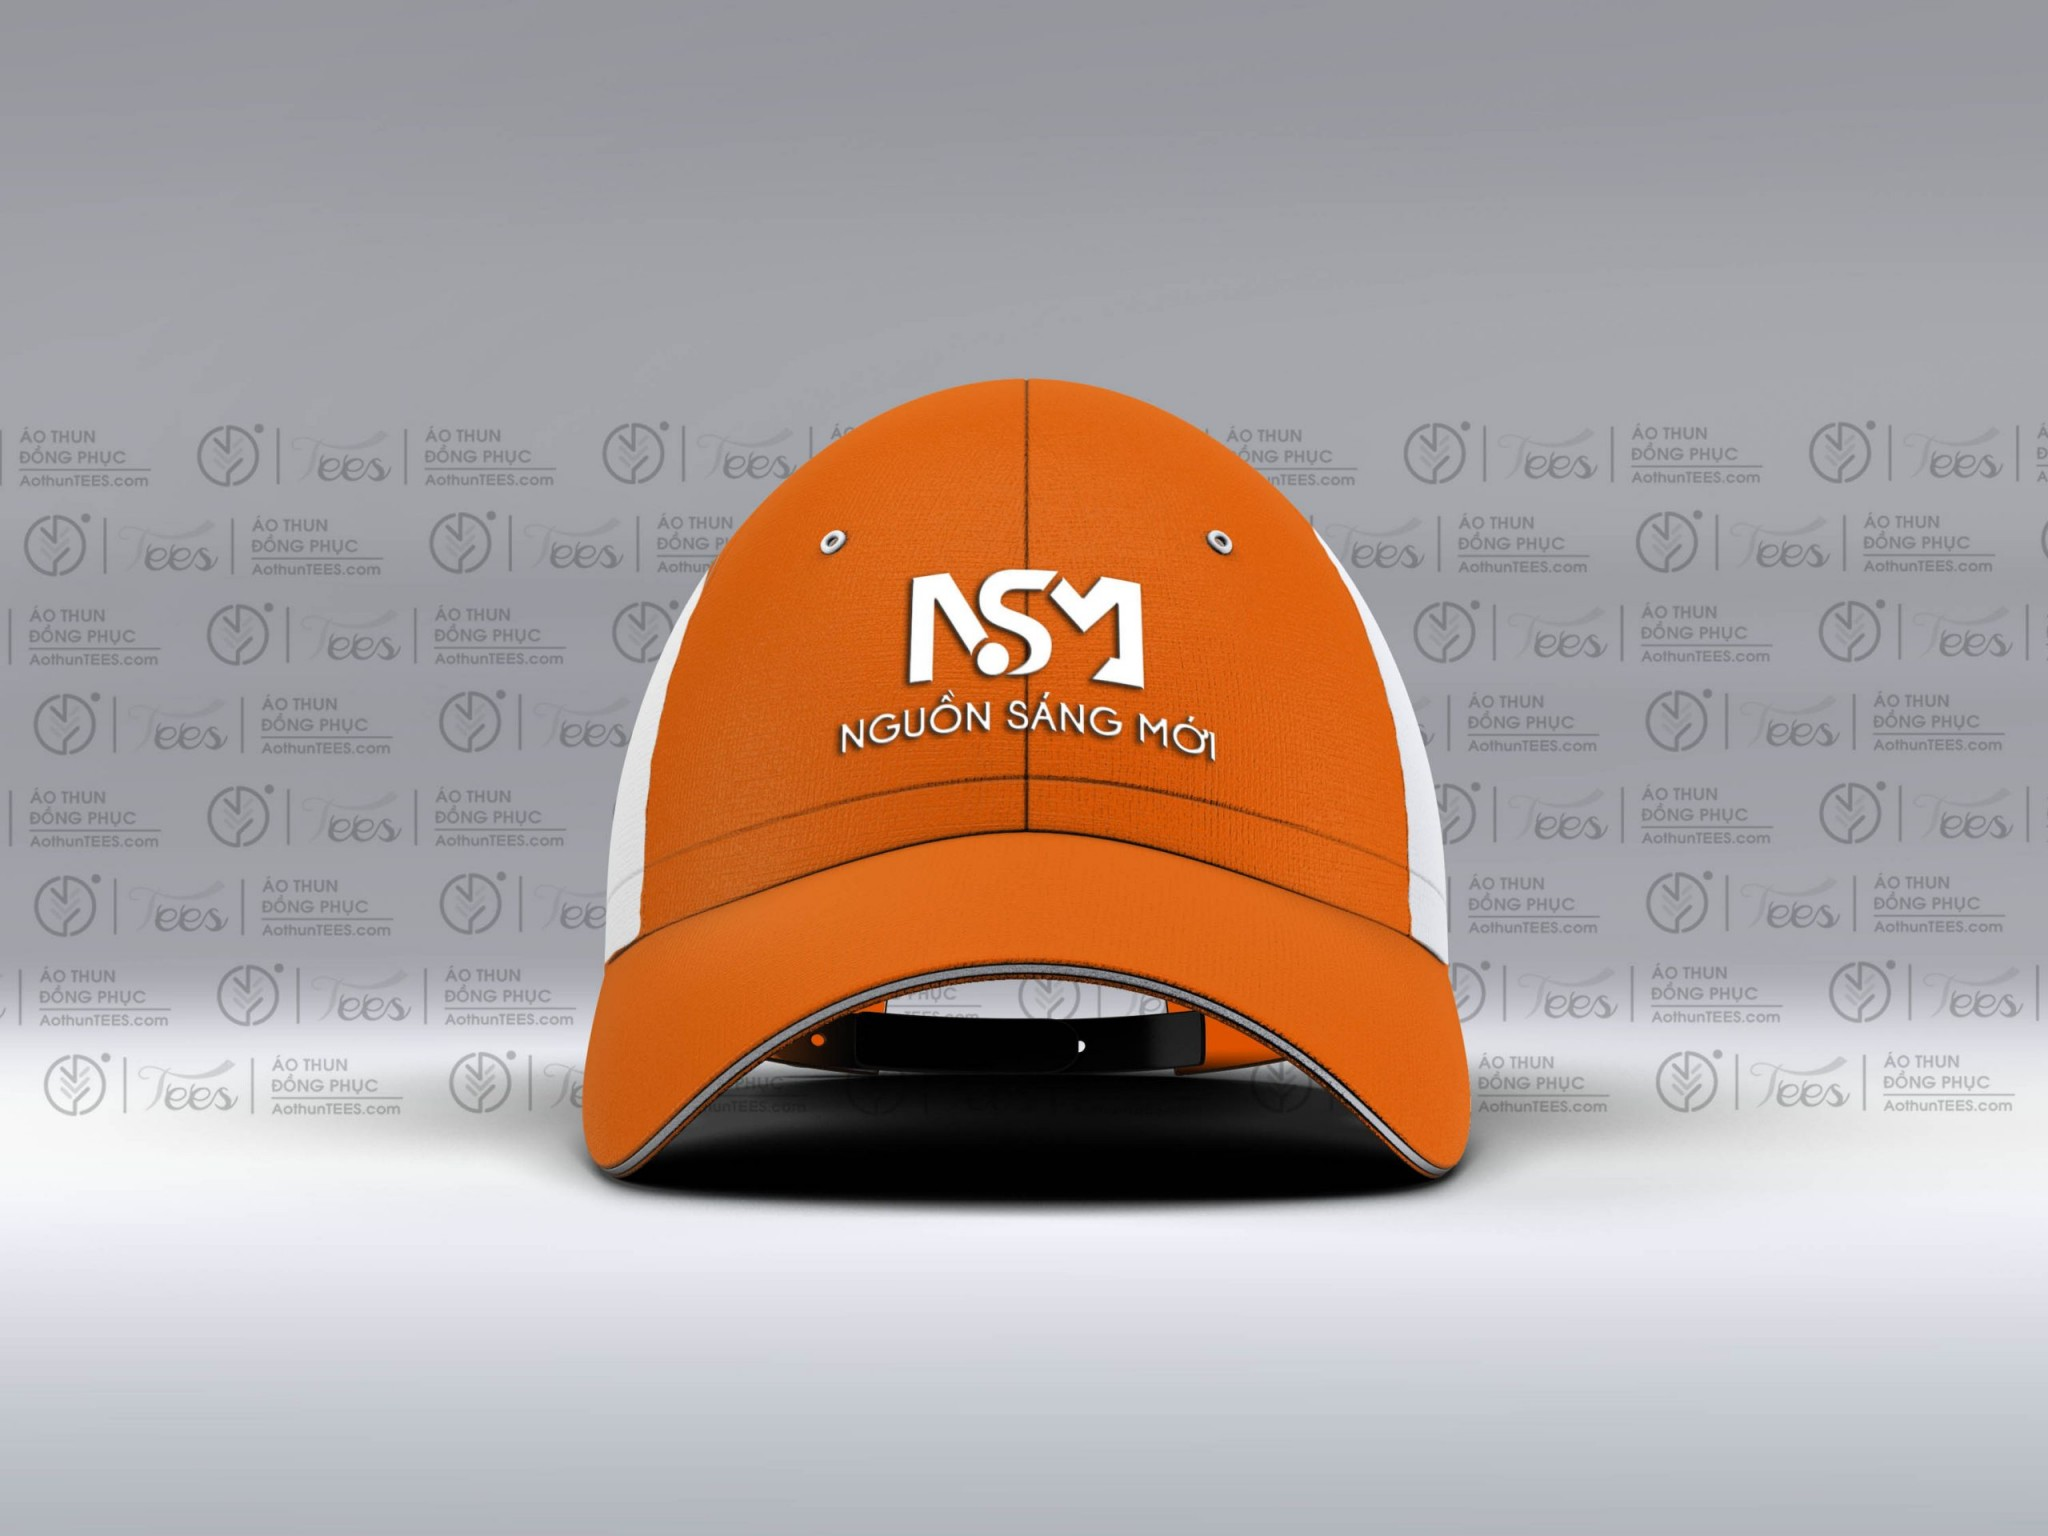 Non dong phuc cty Nguon Sang Moi Snapback Baseball Cap 3 scaled - Áo thun đồng phục Công ty Nguồn sáng mới - Du học Nhật Bản